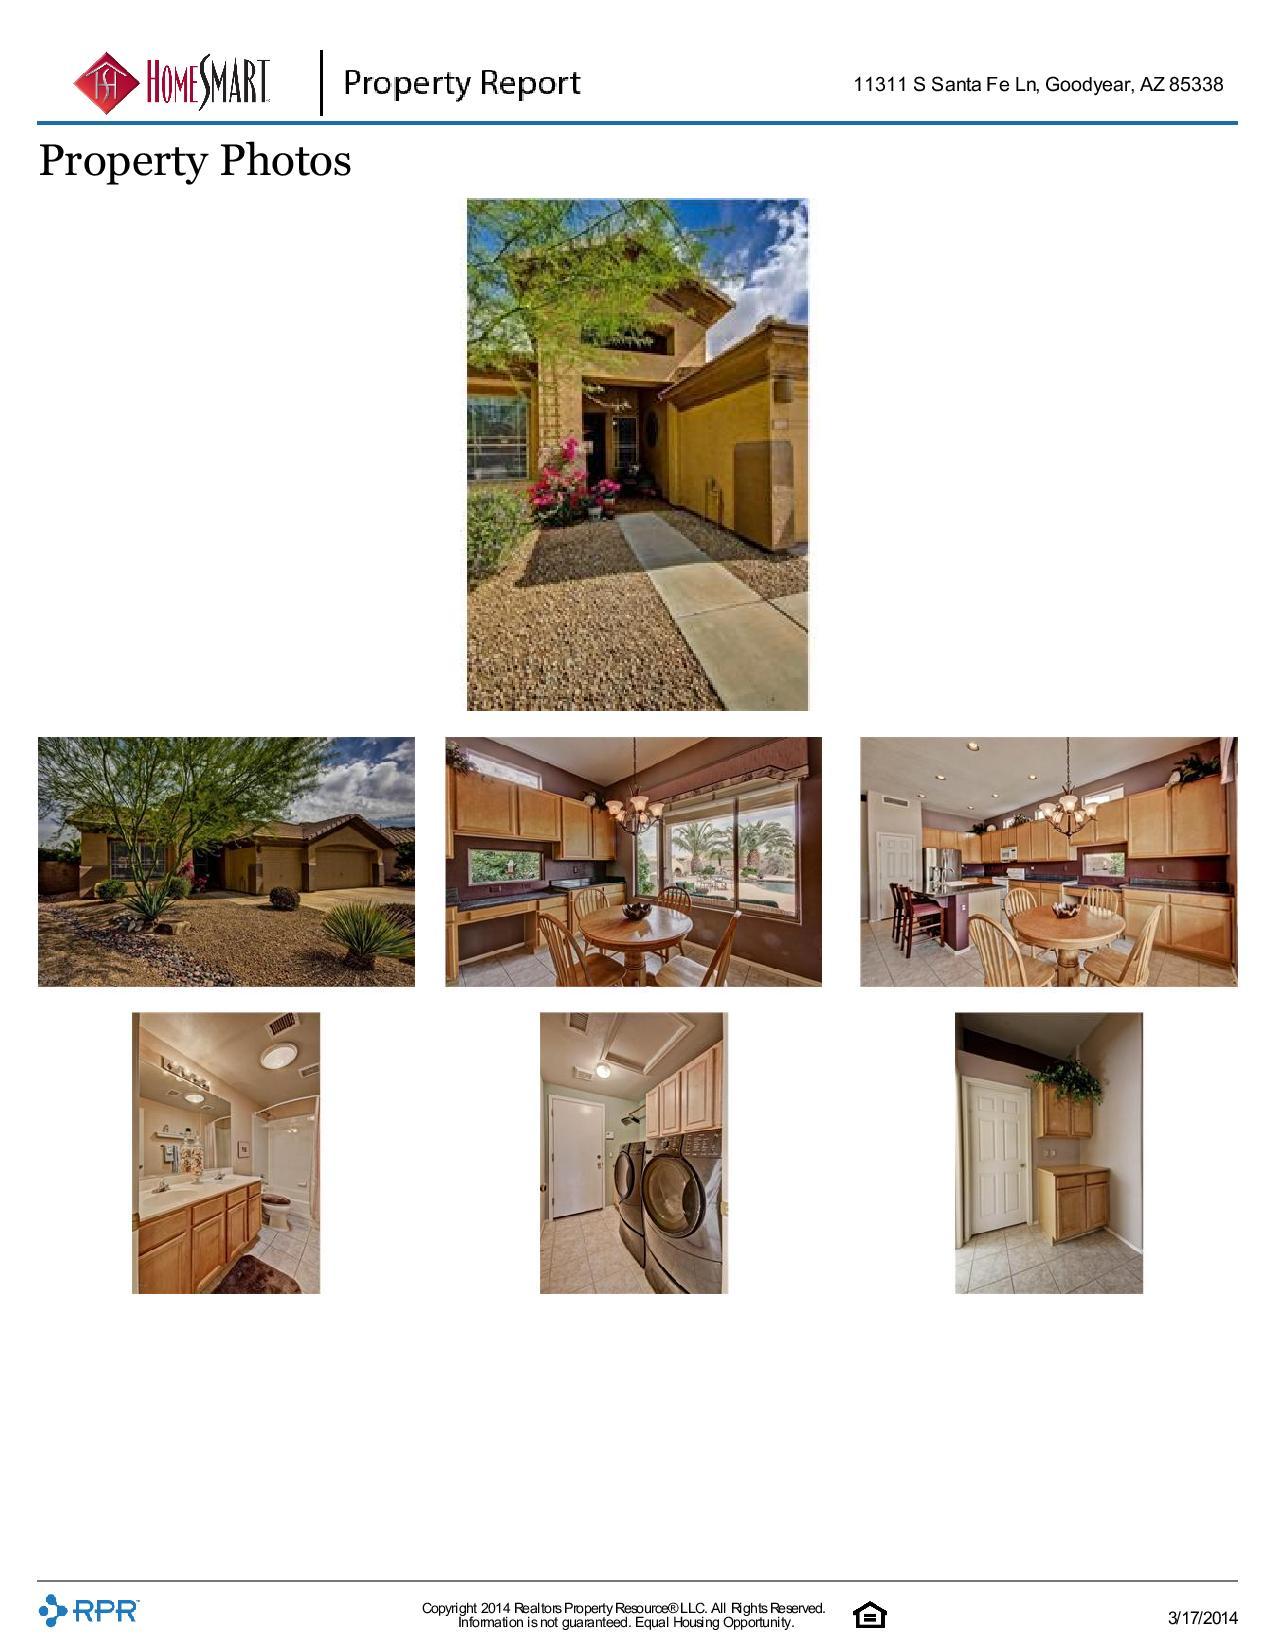 11311-S-Santa-Fe-Ln-Goodyear-AZ-85338-page-005